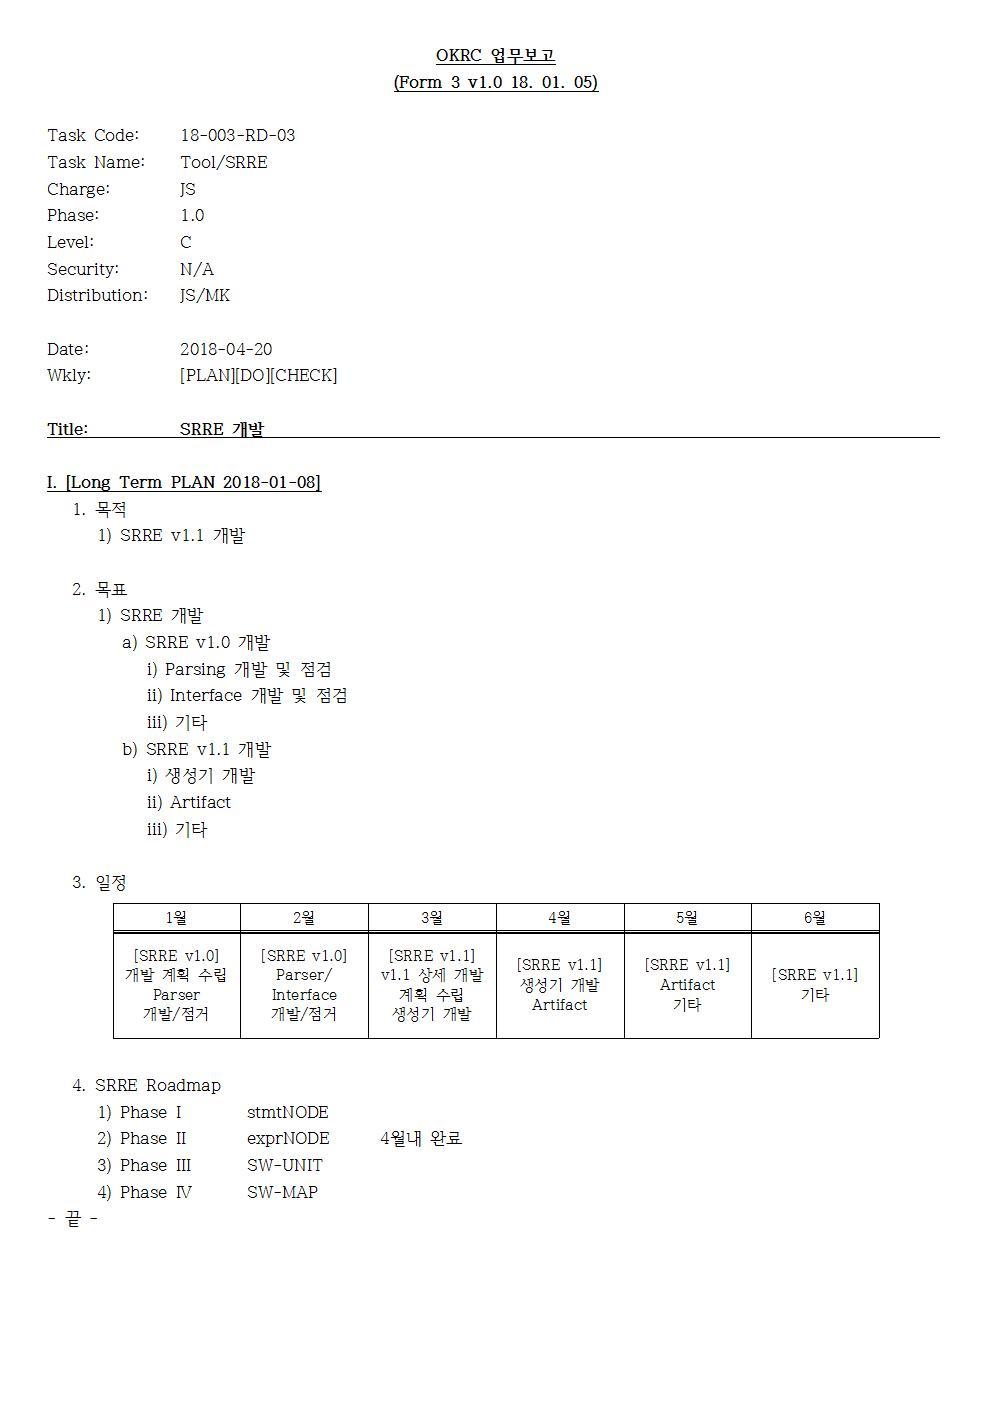 D-[18-003-RD-03]-[SRRE]-[2018-04-20][JS]001.jpg